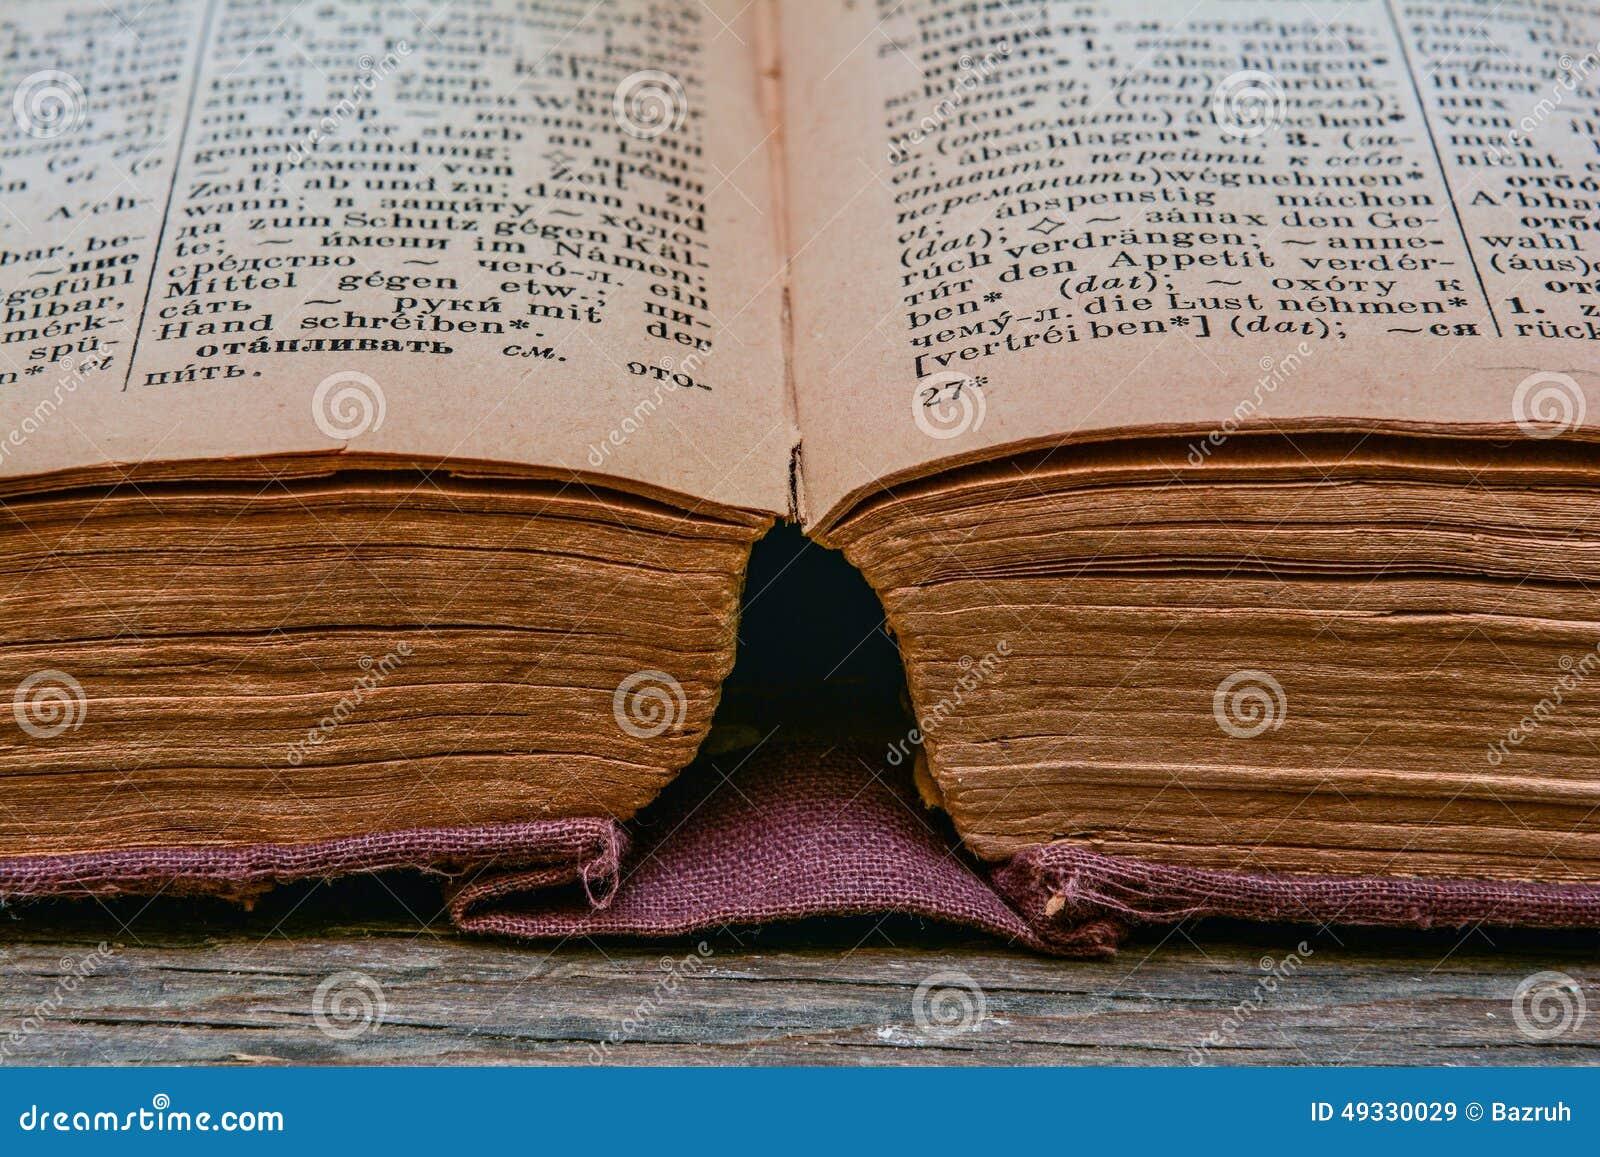 Stary rocznik niemiec słownik 1948 rok uwolnienie